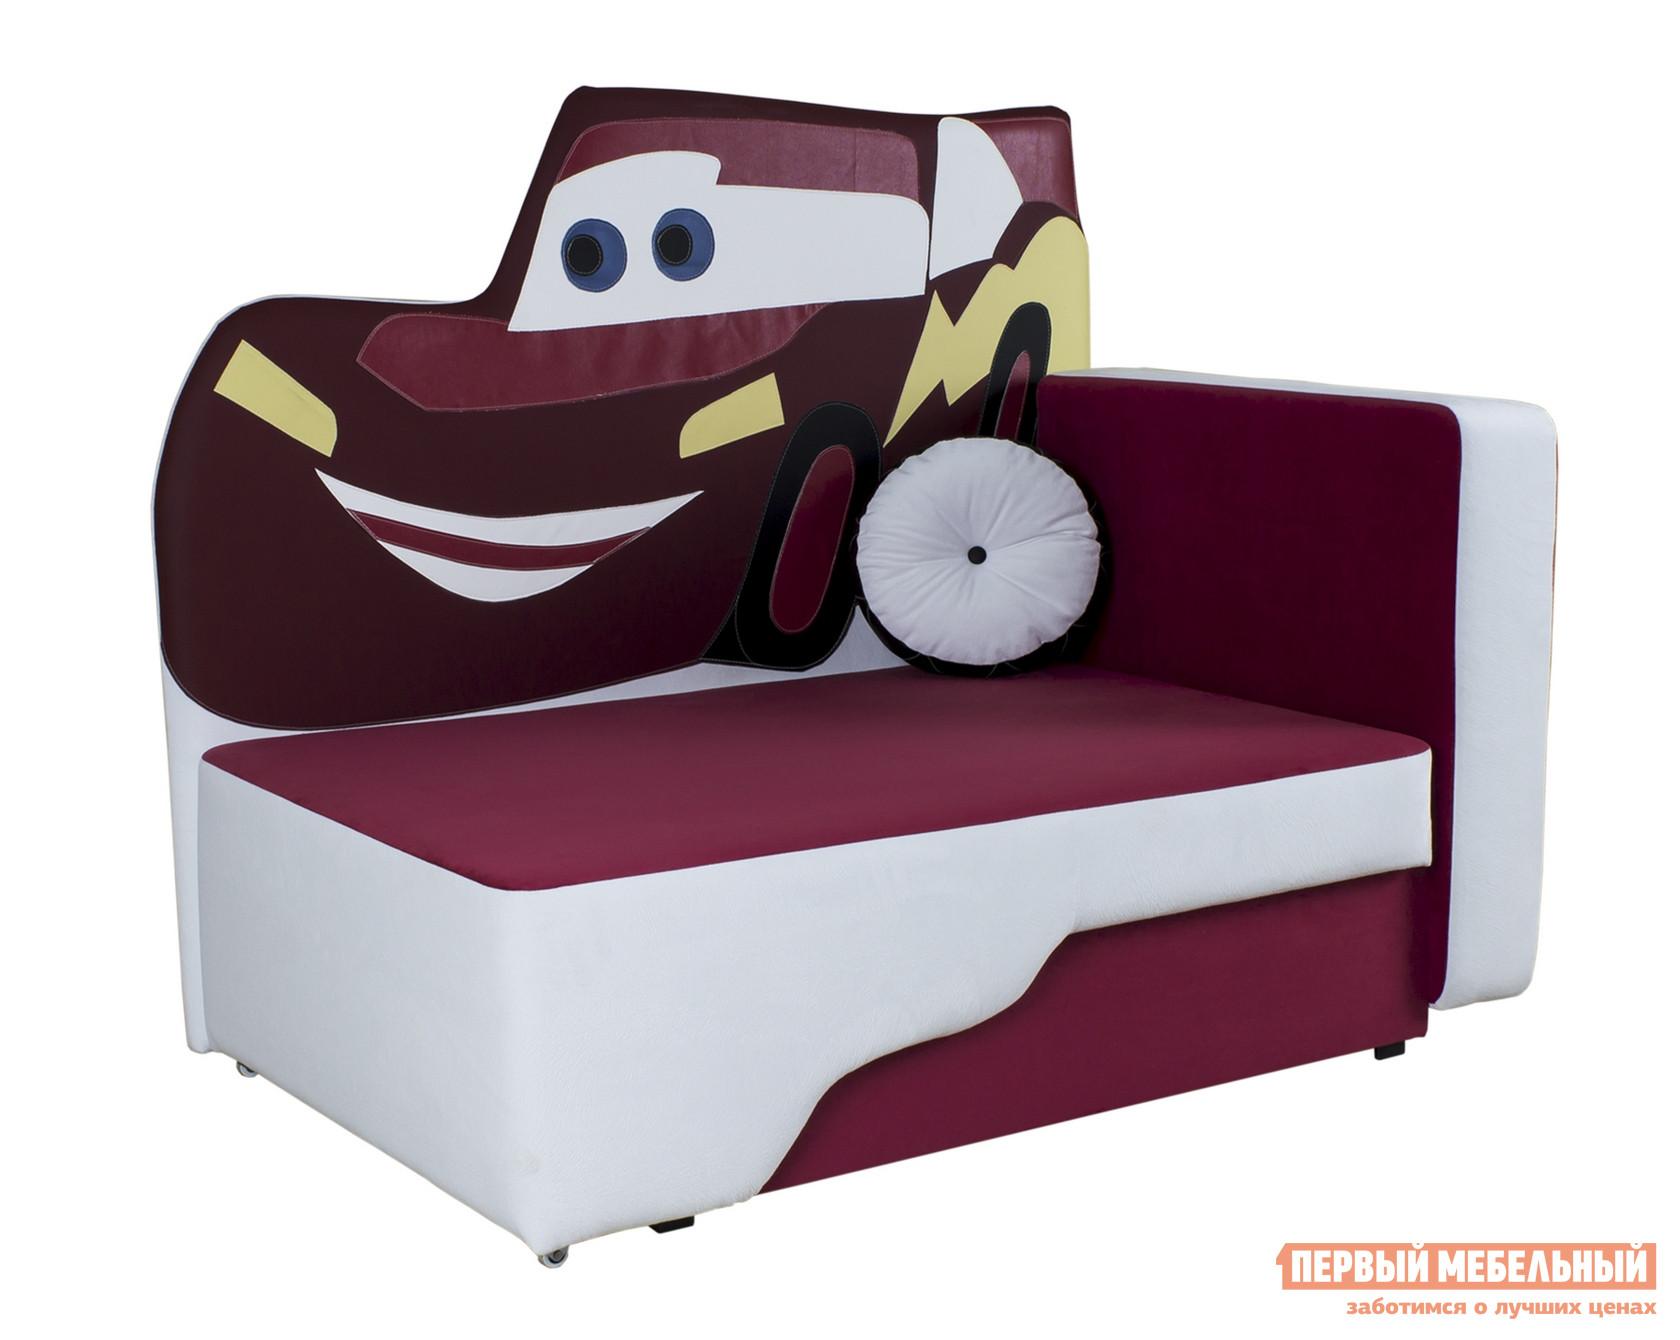 Детское кресло-кровать-машина Мебель-Холдинг Тачка